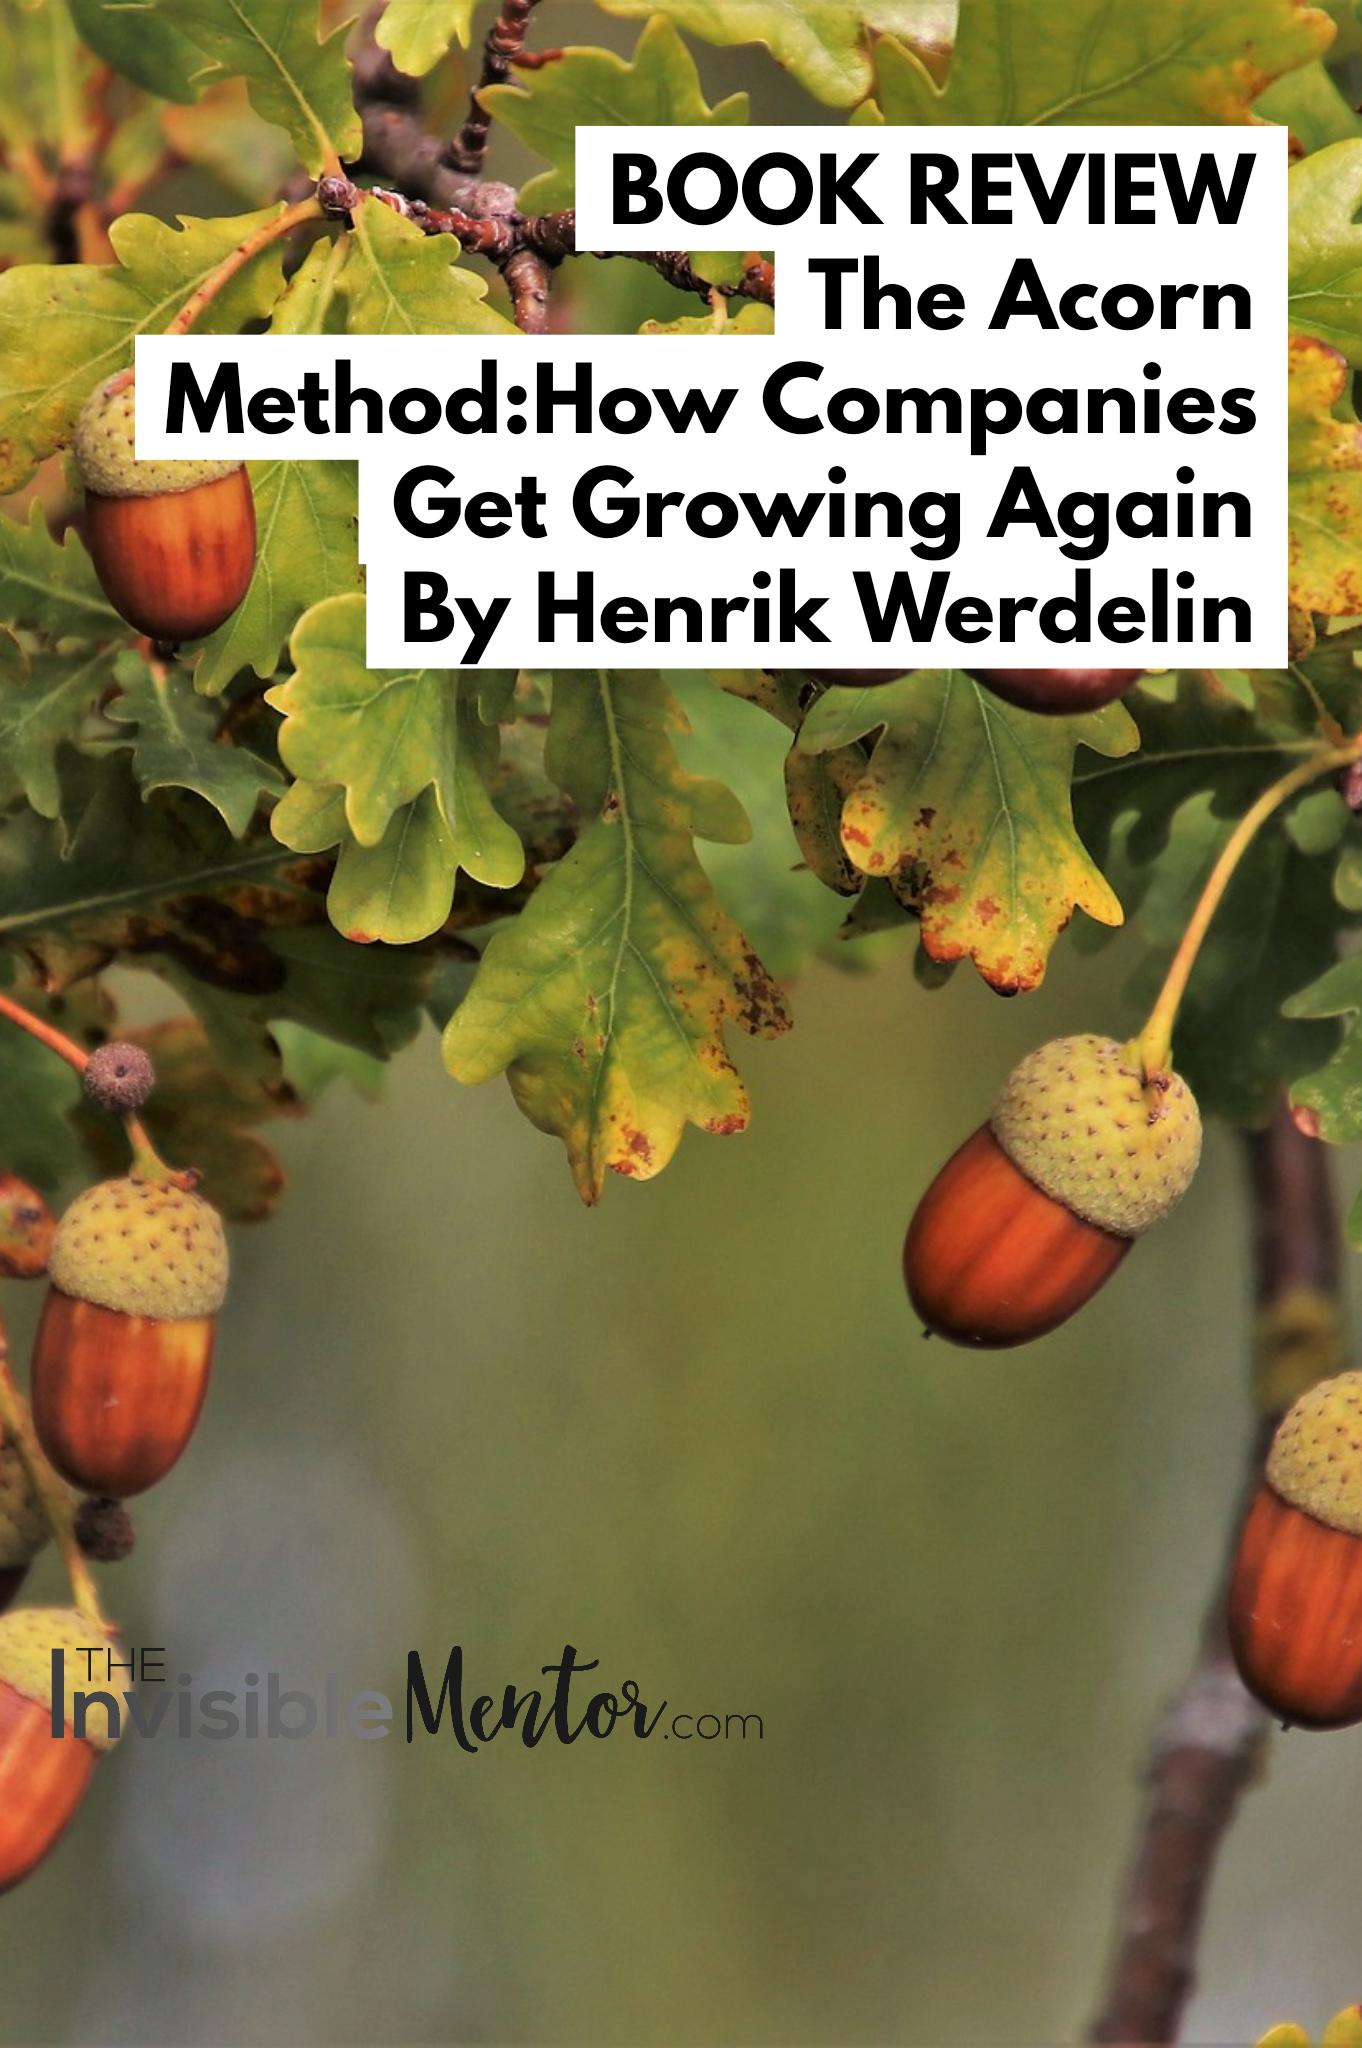 acorn metho, Henrik Werdelind